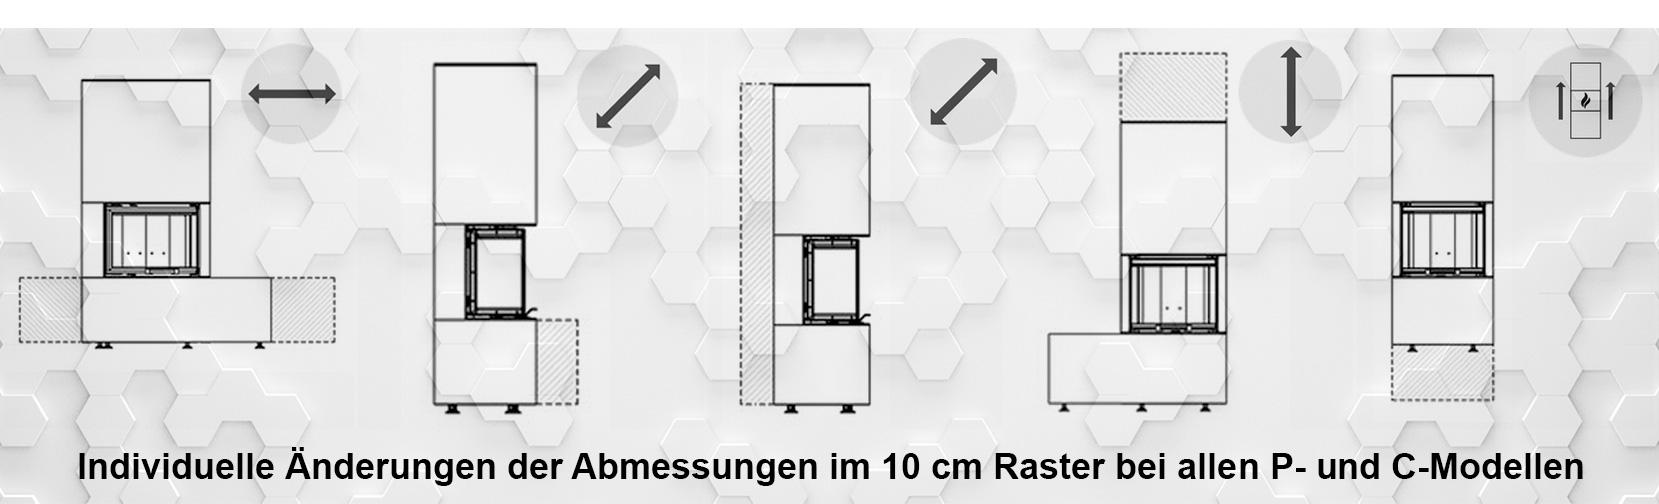 technische Zeichnungen zur Veranschaulichung der feel-free-Verlängerungen im 10 cm Raster